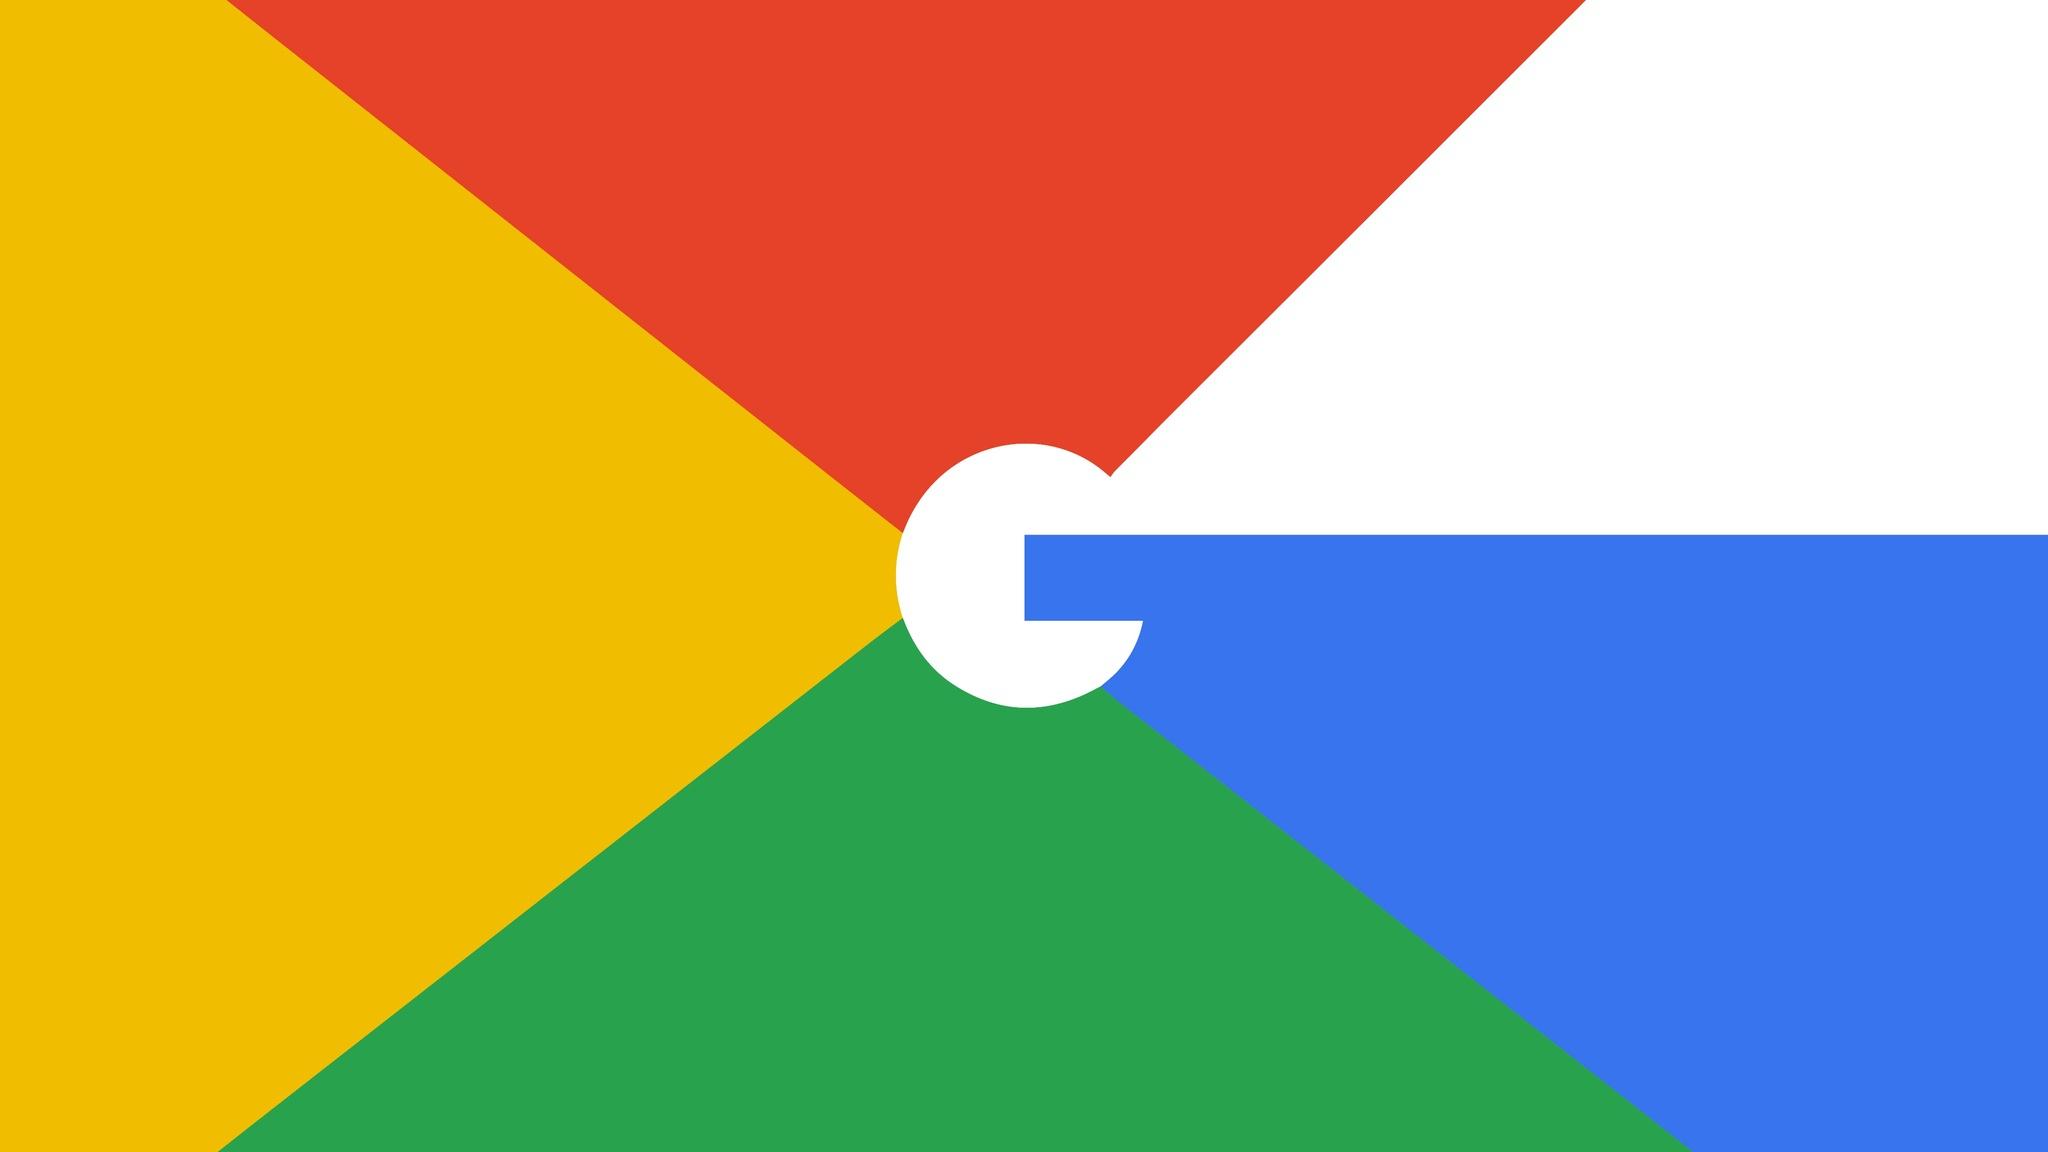 2048x1152 google logo minimalism 4k 2048x1152 resolution hd 4k